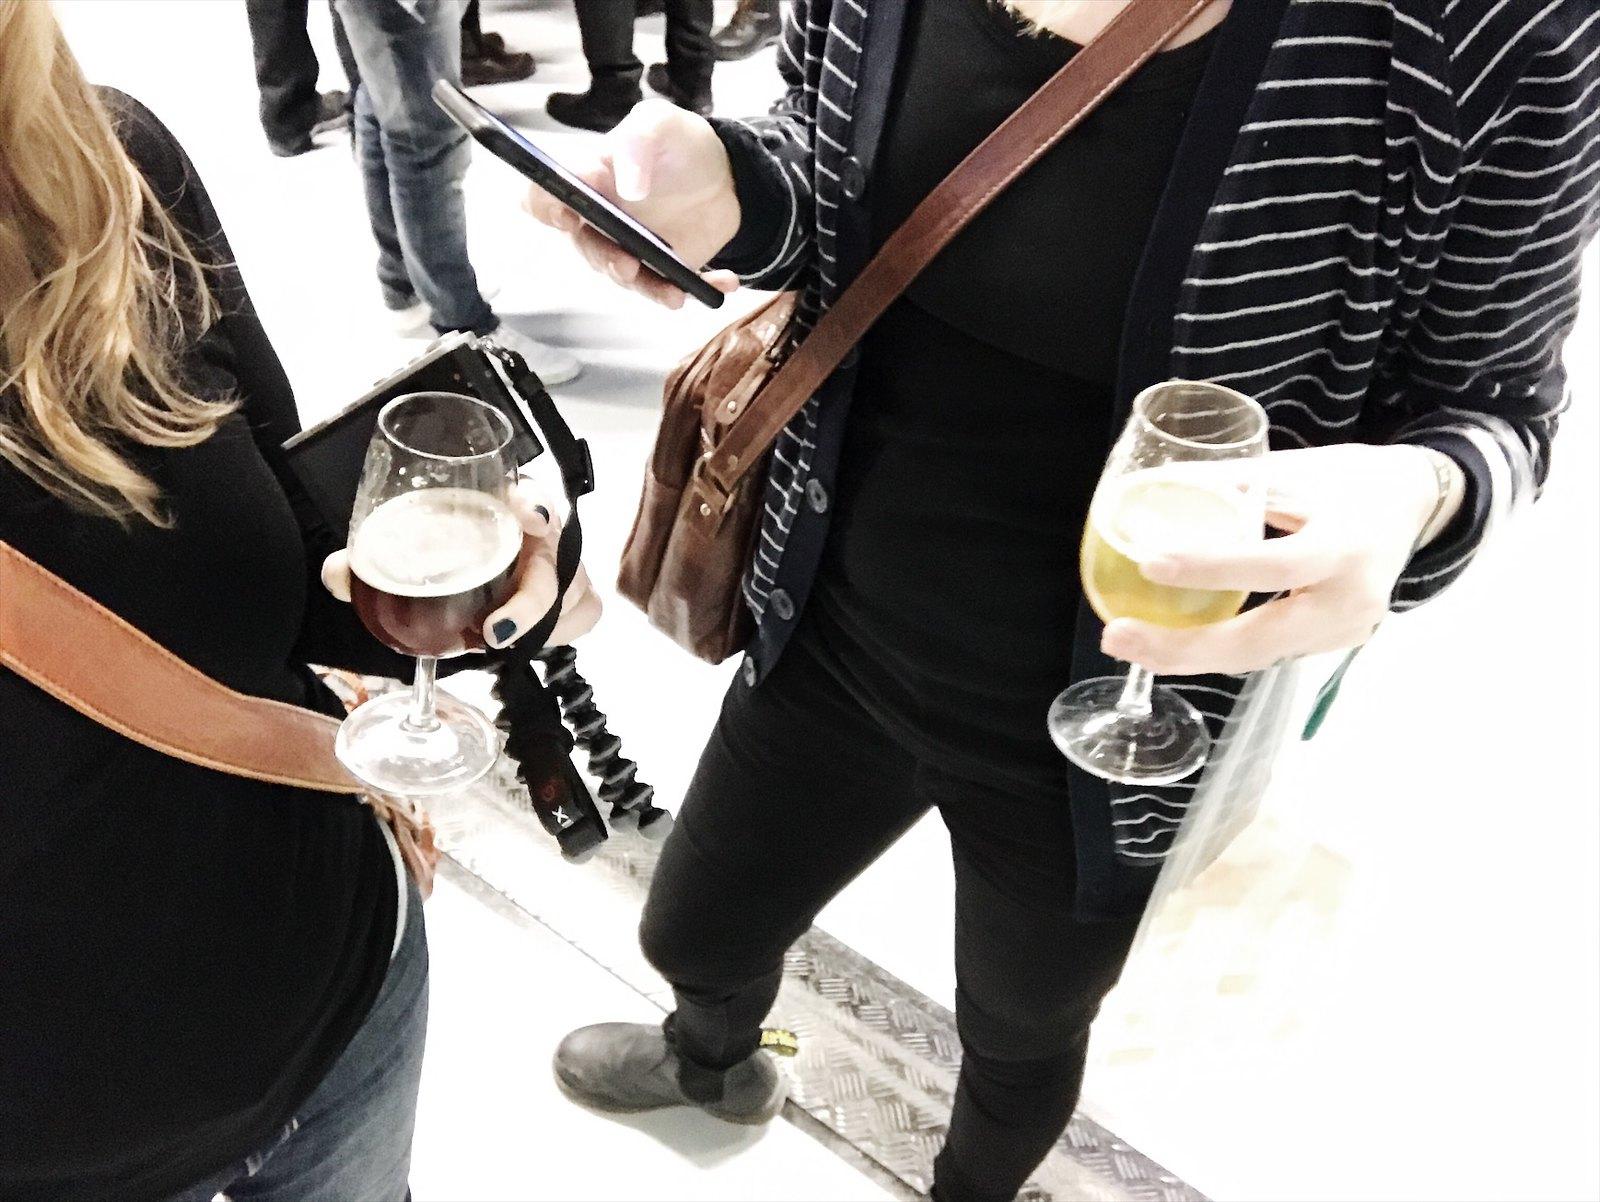 me lina uppsala beer whiskey festival